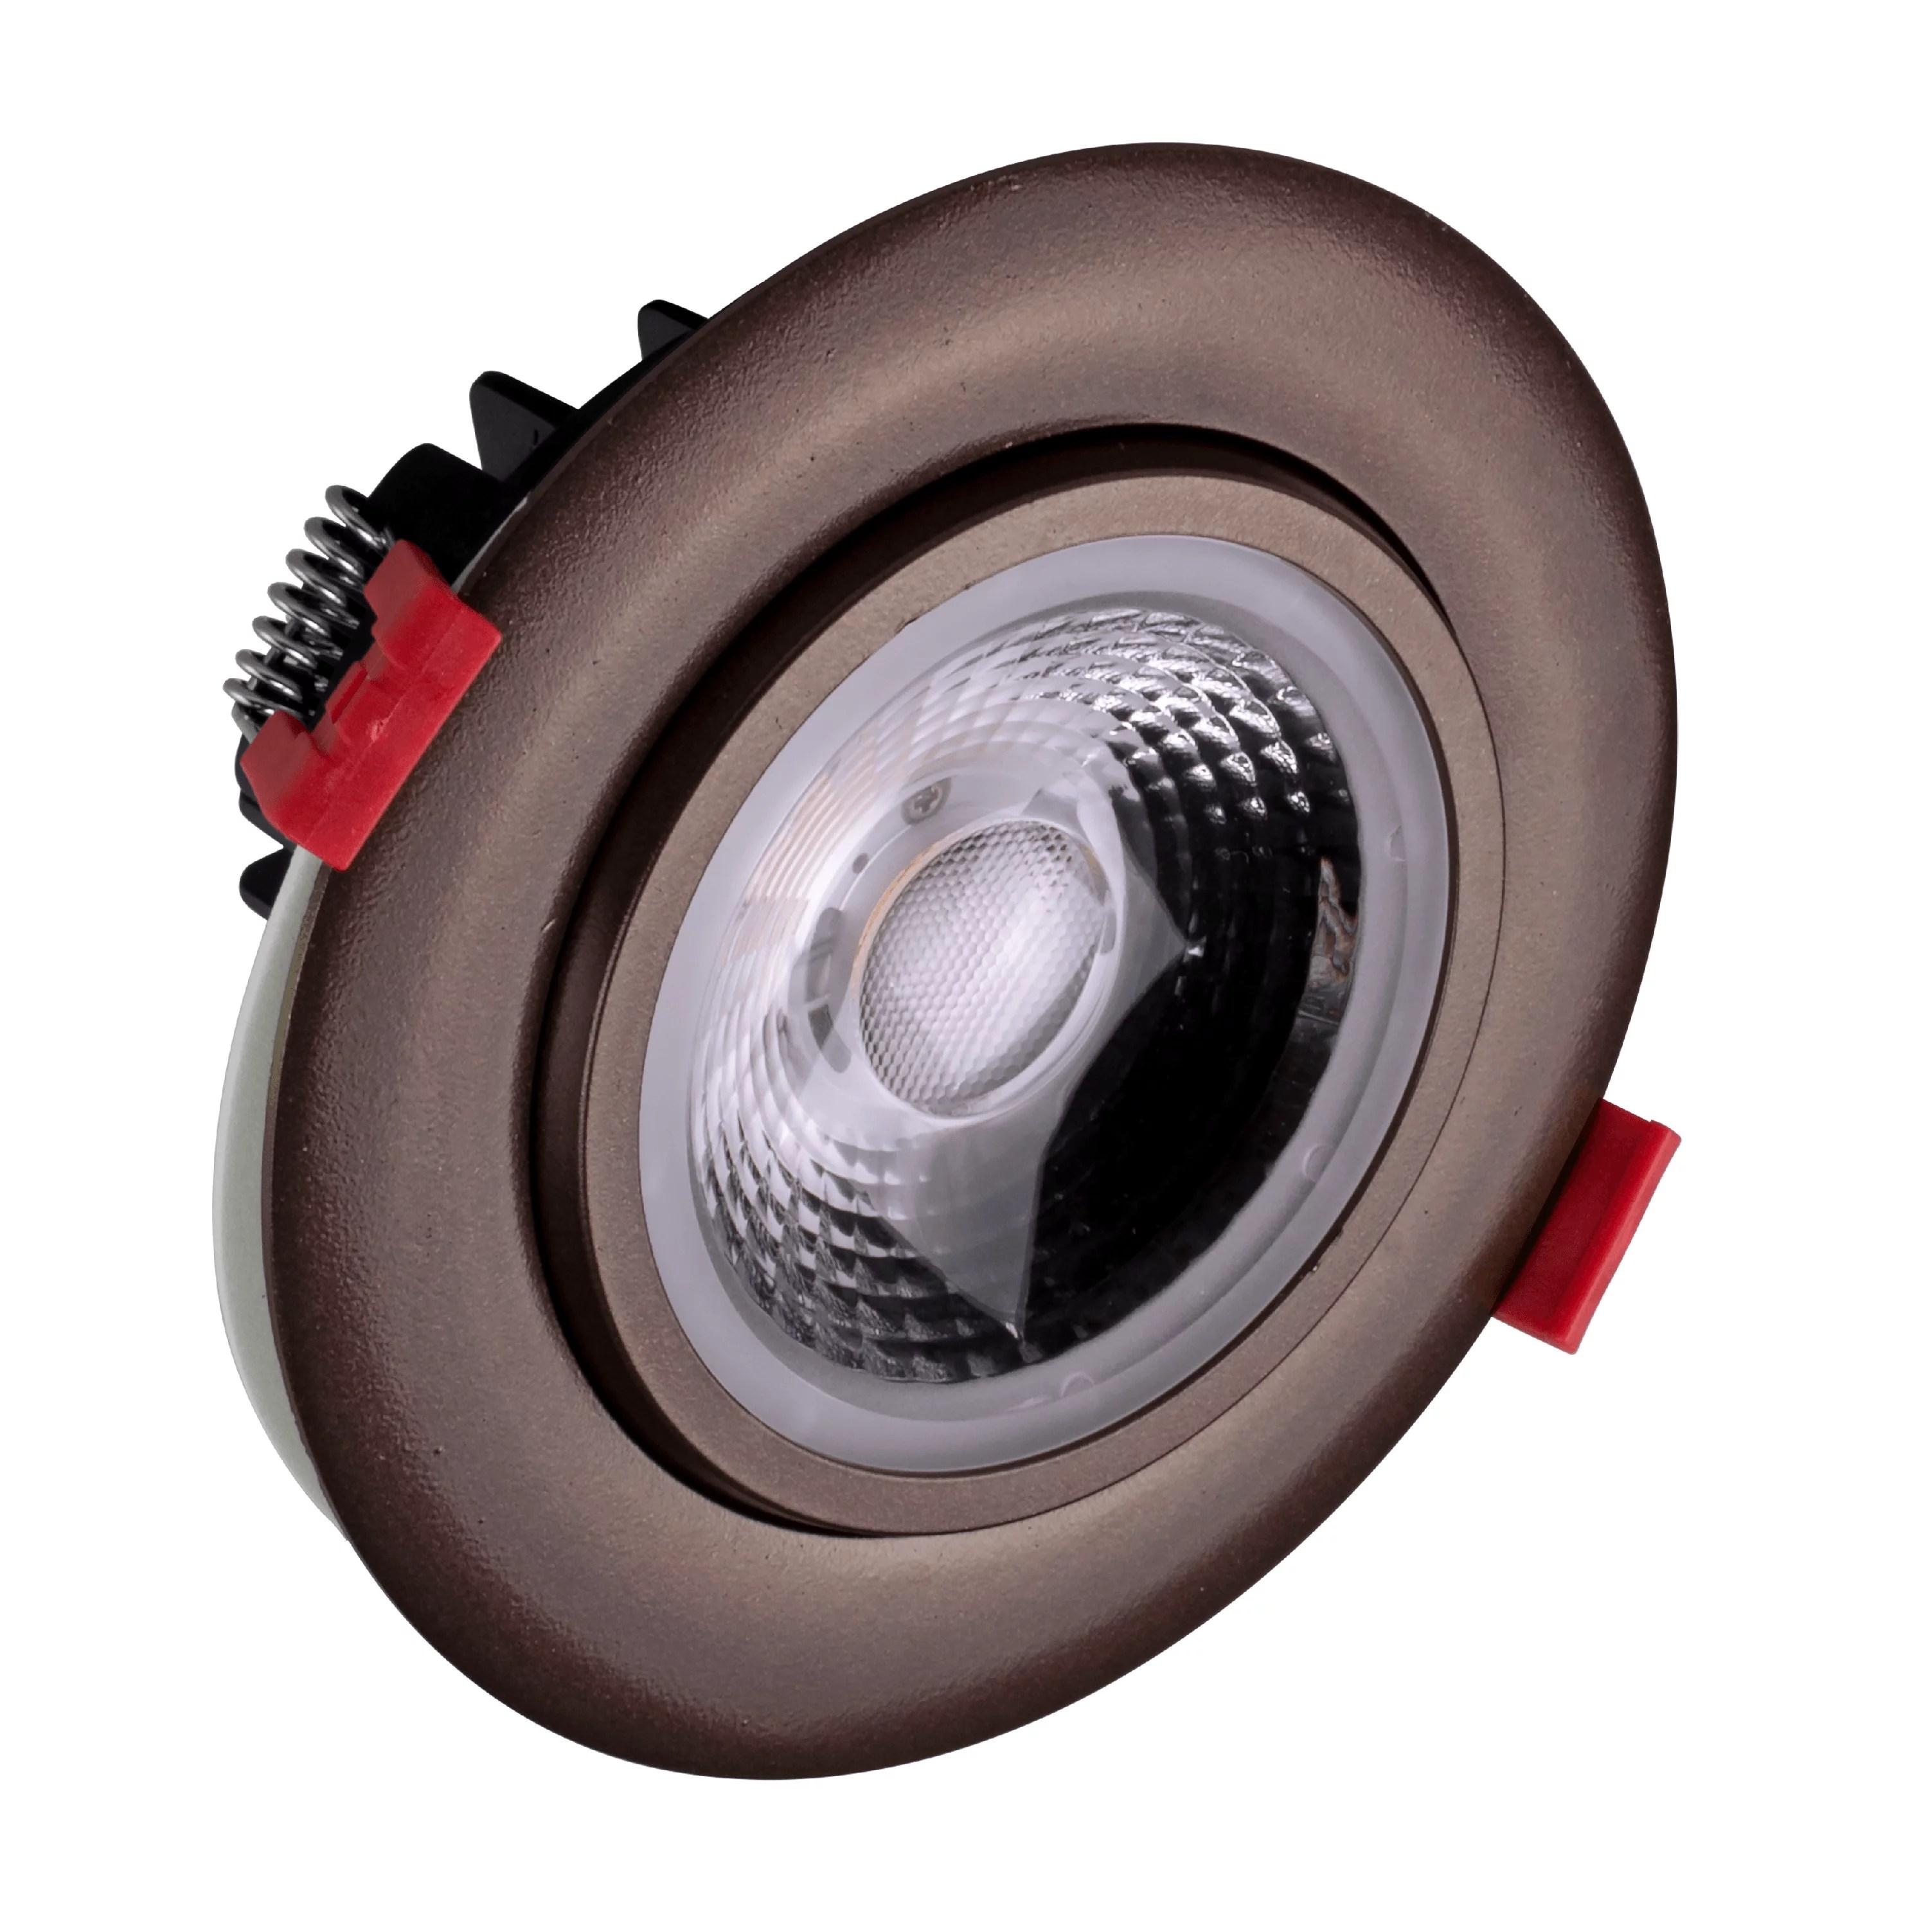 nicor lighting 4 inch led gimbal recessed downlight in oil rubbed bronze 5000k dgd411205krdob